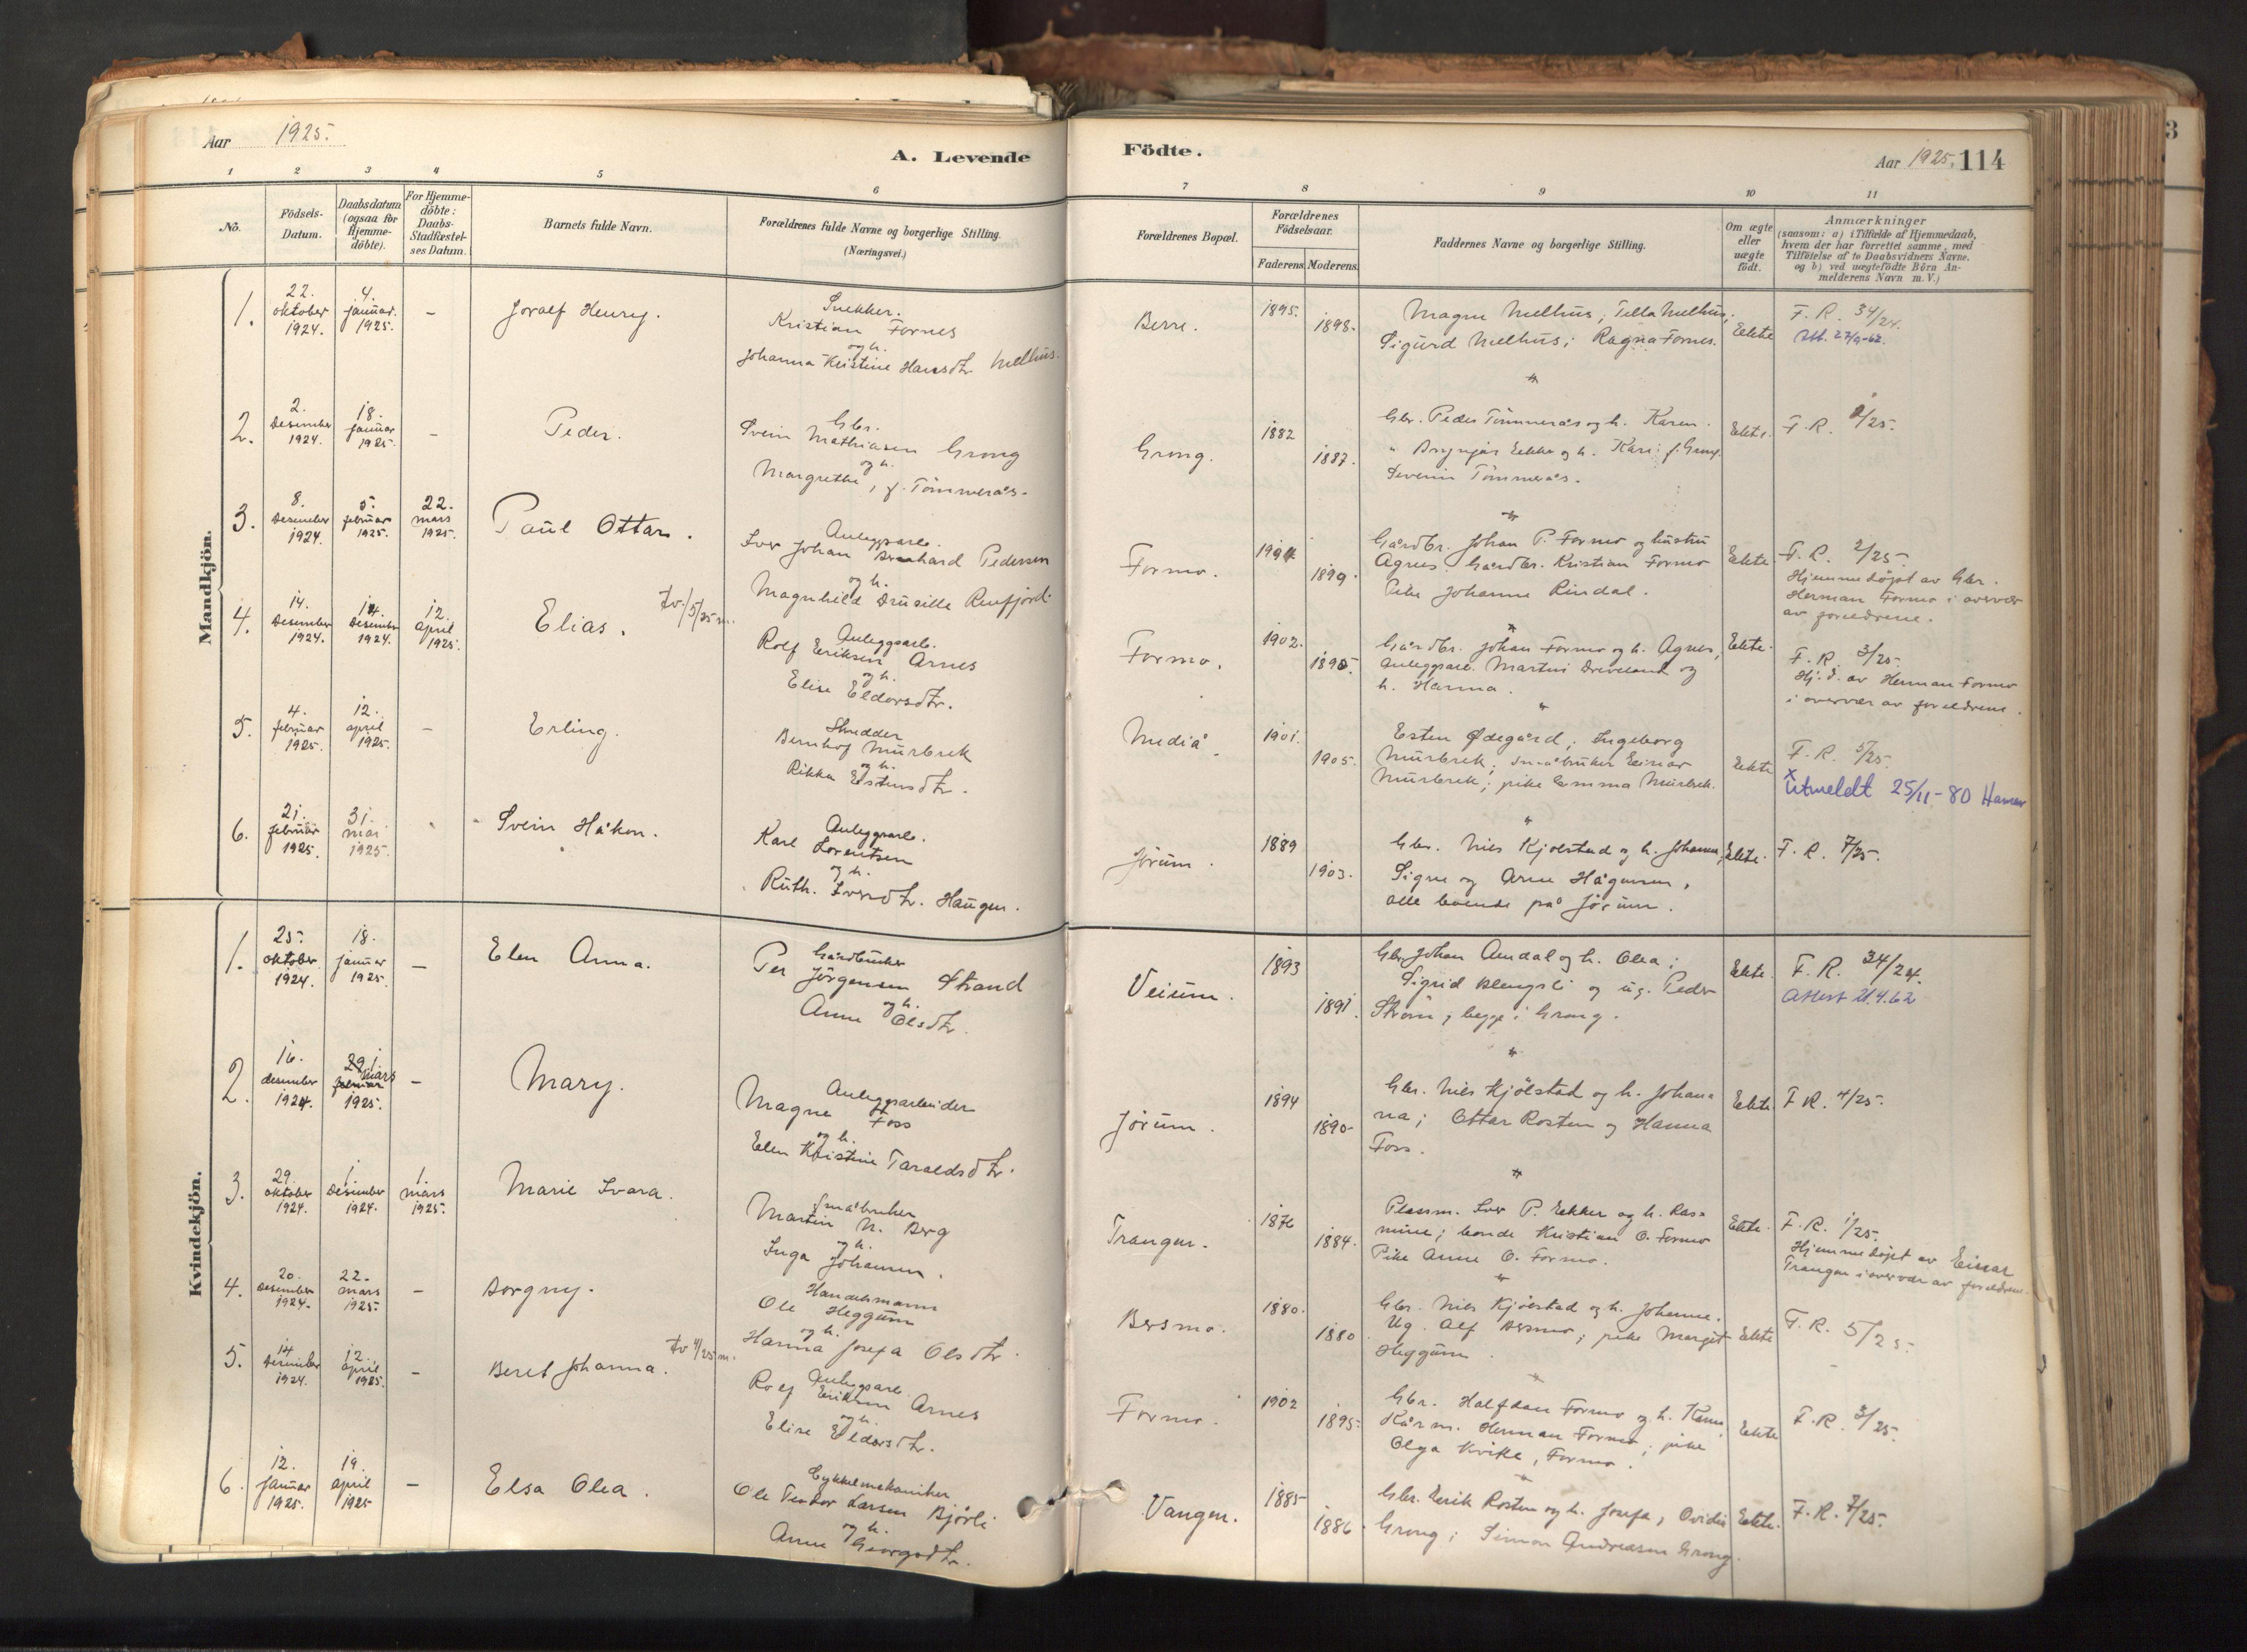 SAT, Ministerialprotokoller, klokkerbøker og fødselsregistre - Nord-Trøndelag, 758/L0519: Ministerialbok nr. 758A04, 1880-1926, s. 114